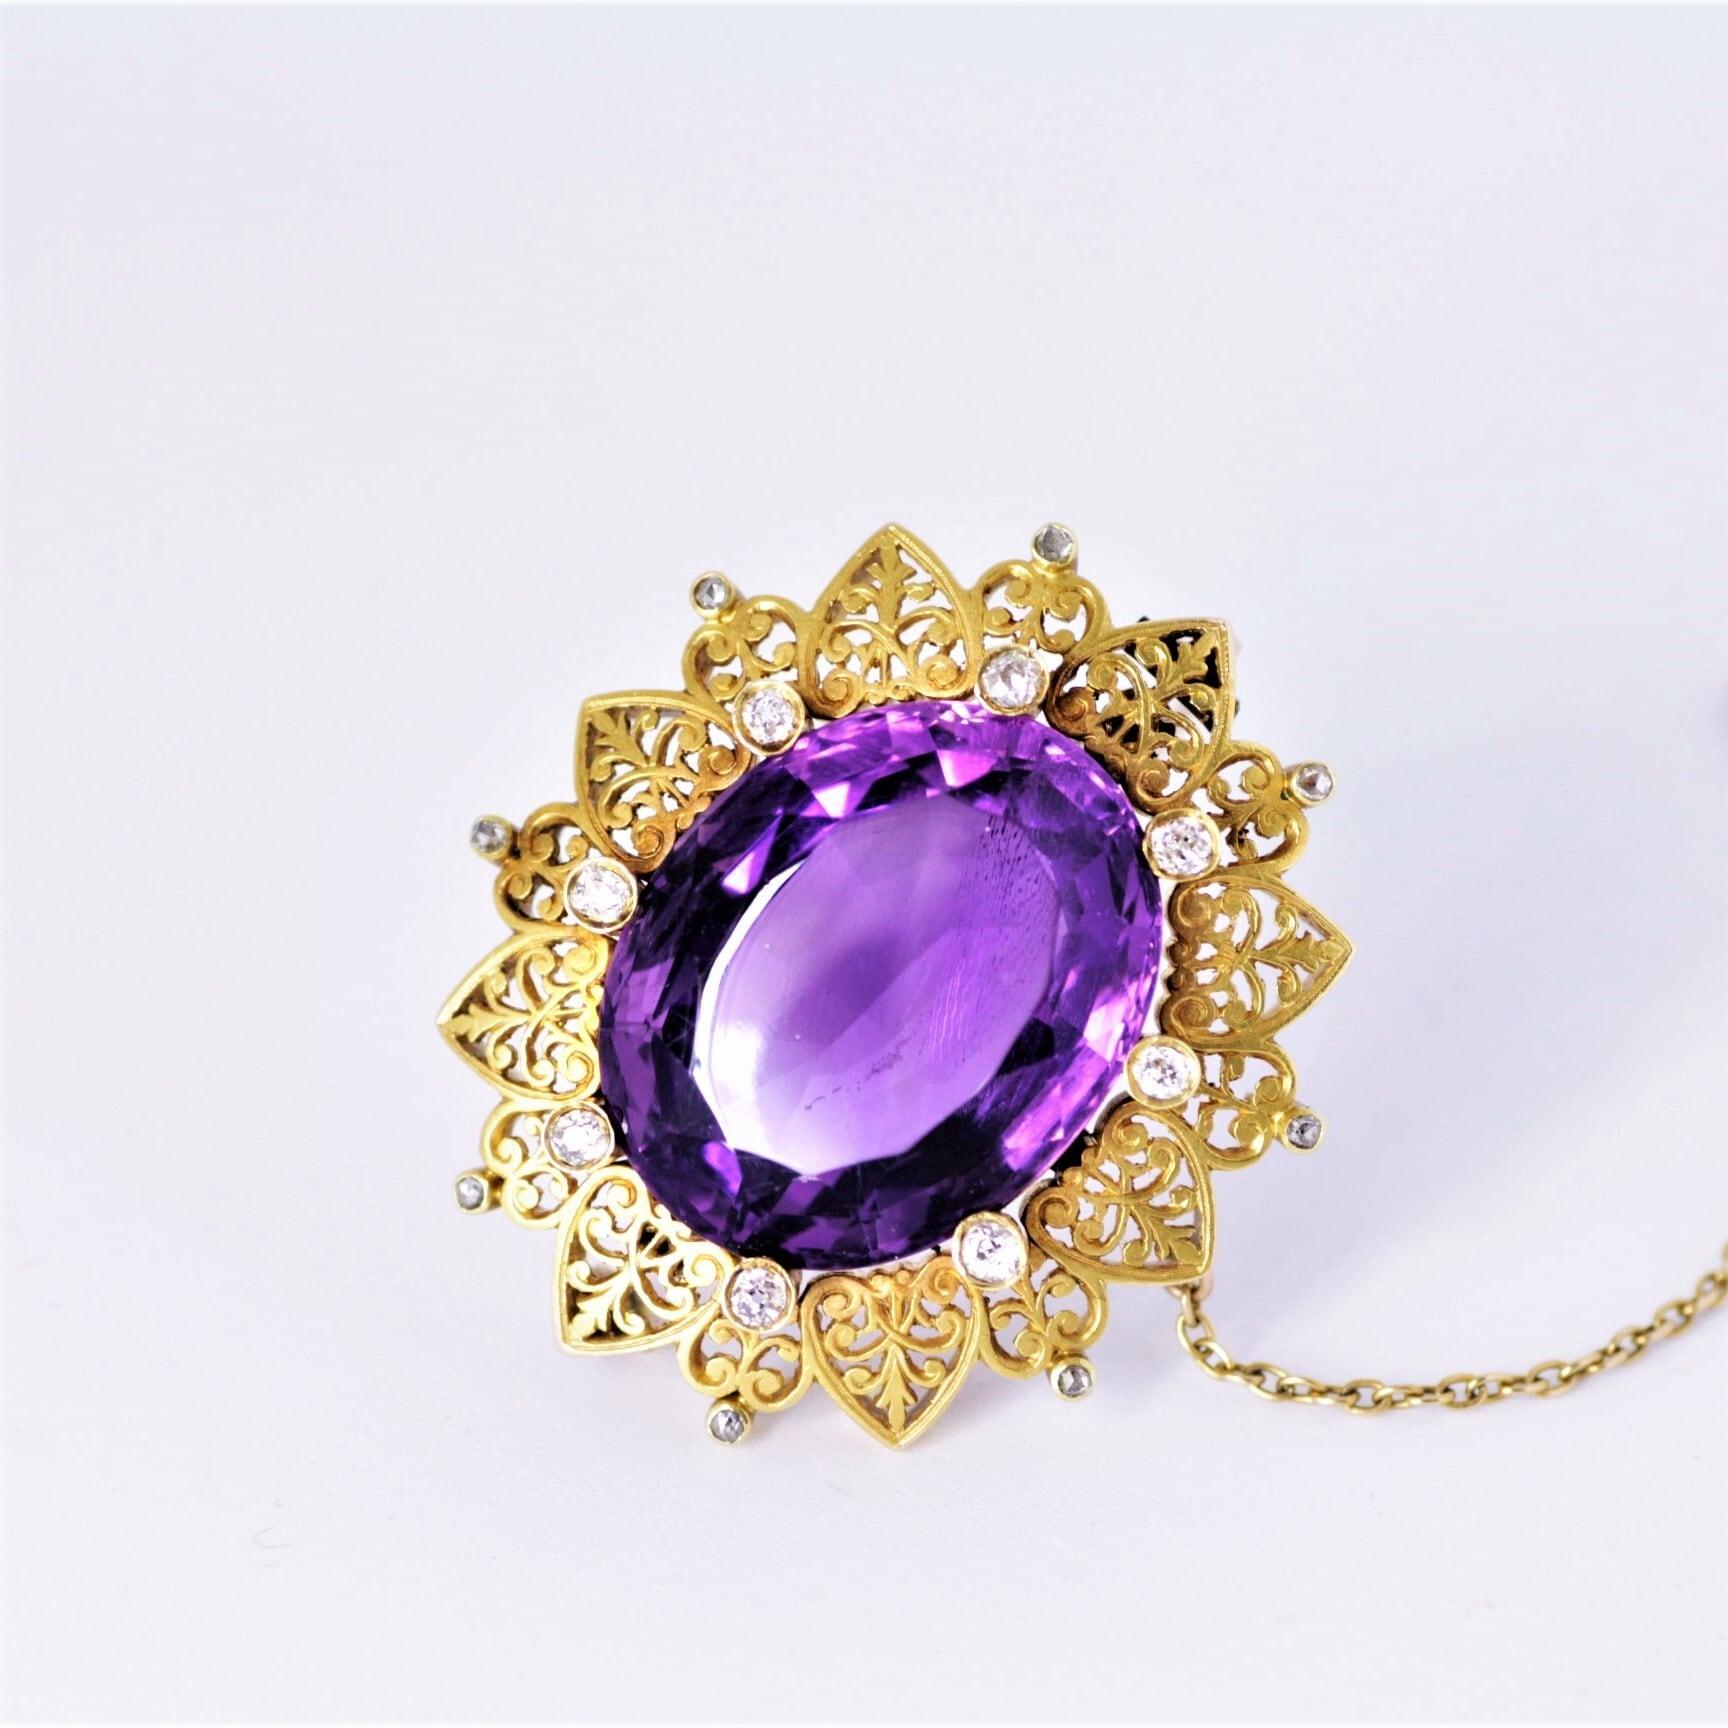 Siberian Amethyst & Diamond Gold Brooch  シベリア産 アメジスト & ダイヤモンド ゴールドブローチ